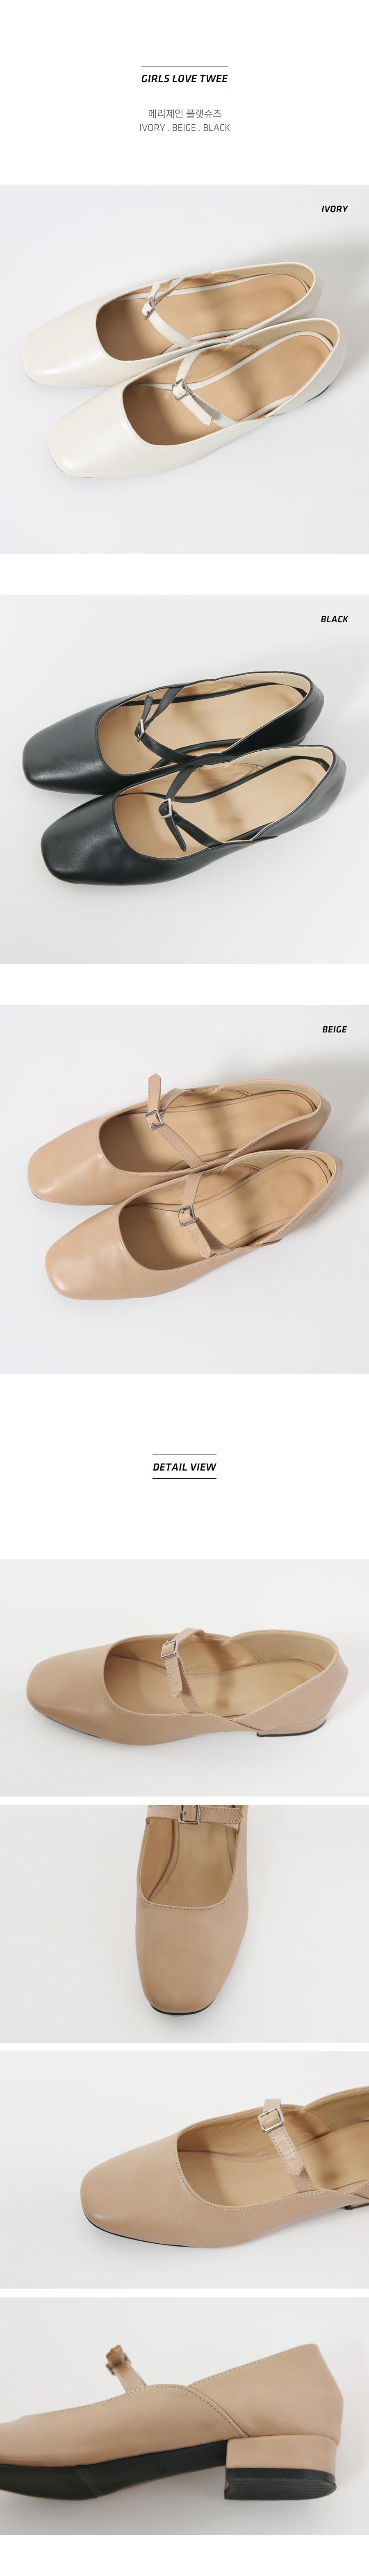 Mary Jane Flat Shoes